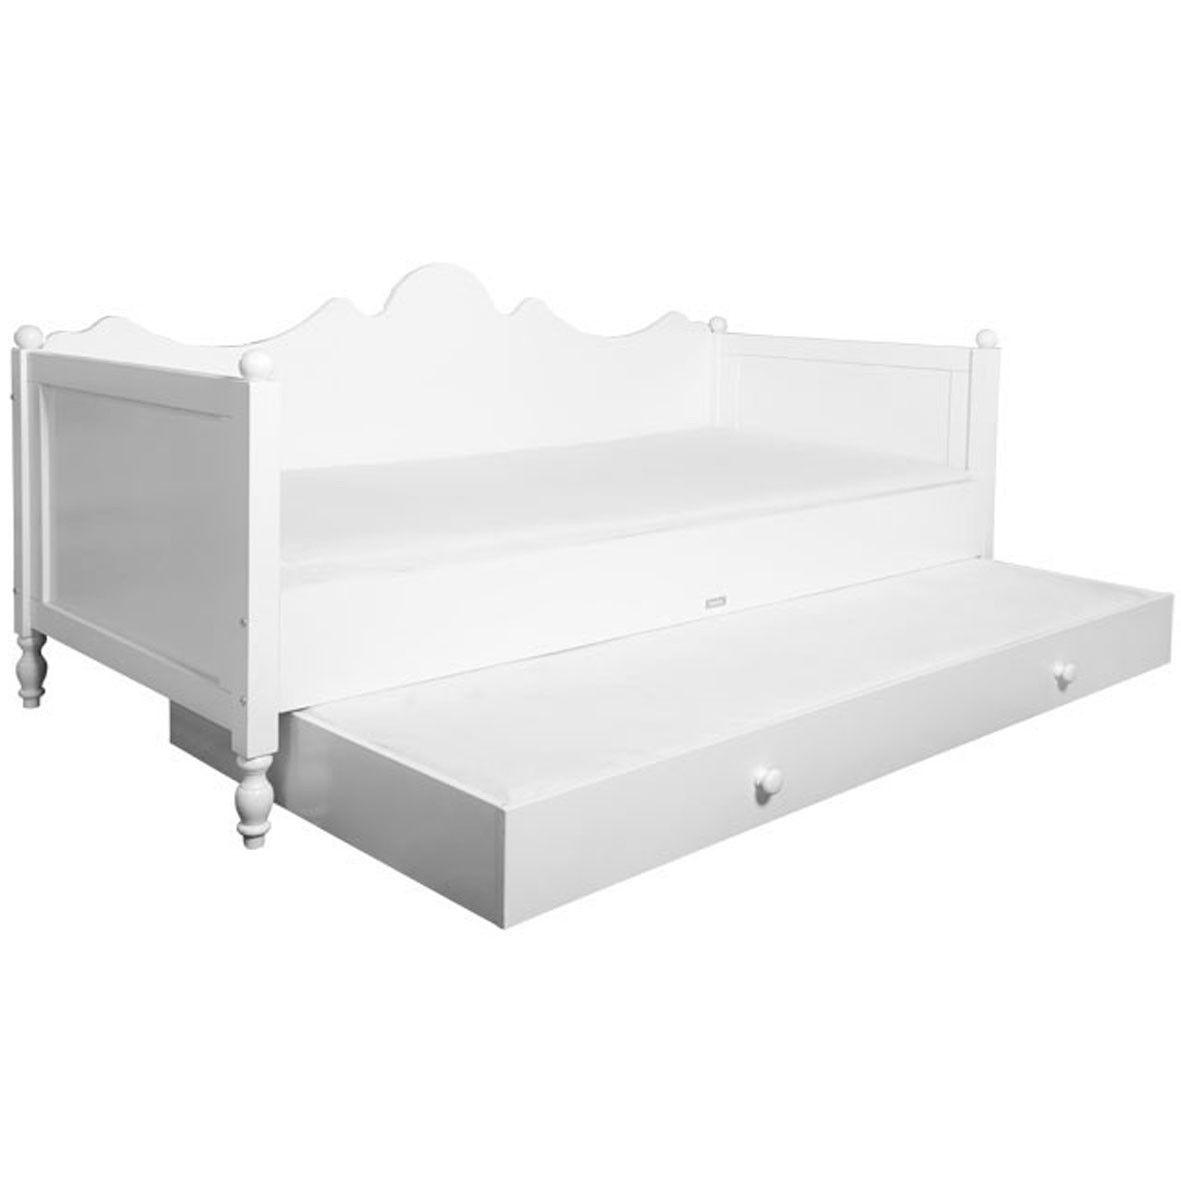 Full Size of Bopita Bettschublade Pin Von Sophie Lilienthal Auf Kinderbett In 2020 Wei Bett Wohnzimmer Bopita Bettschublade